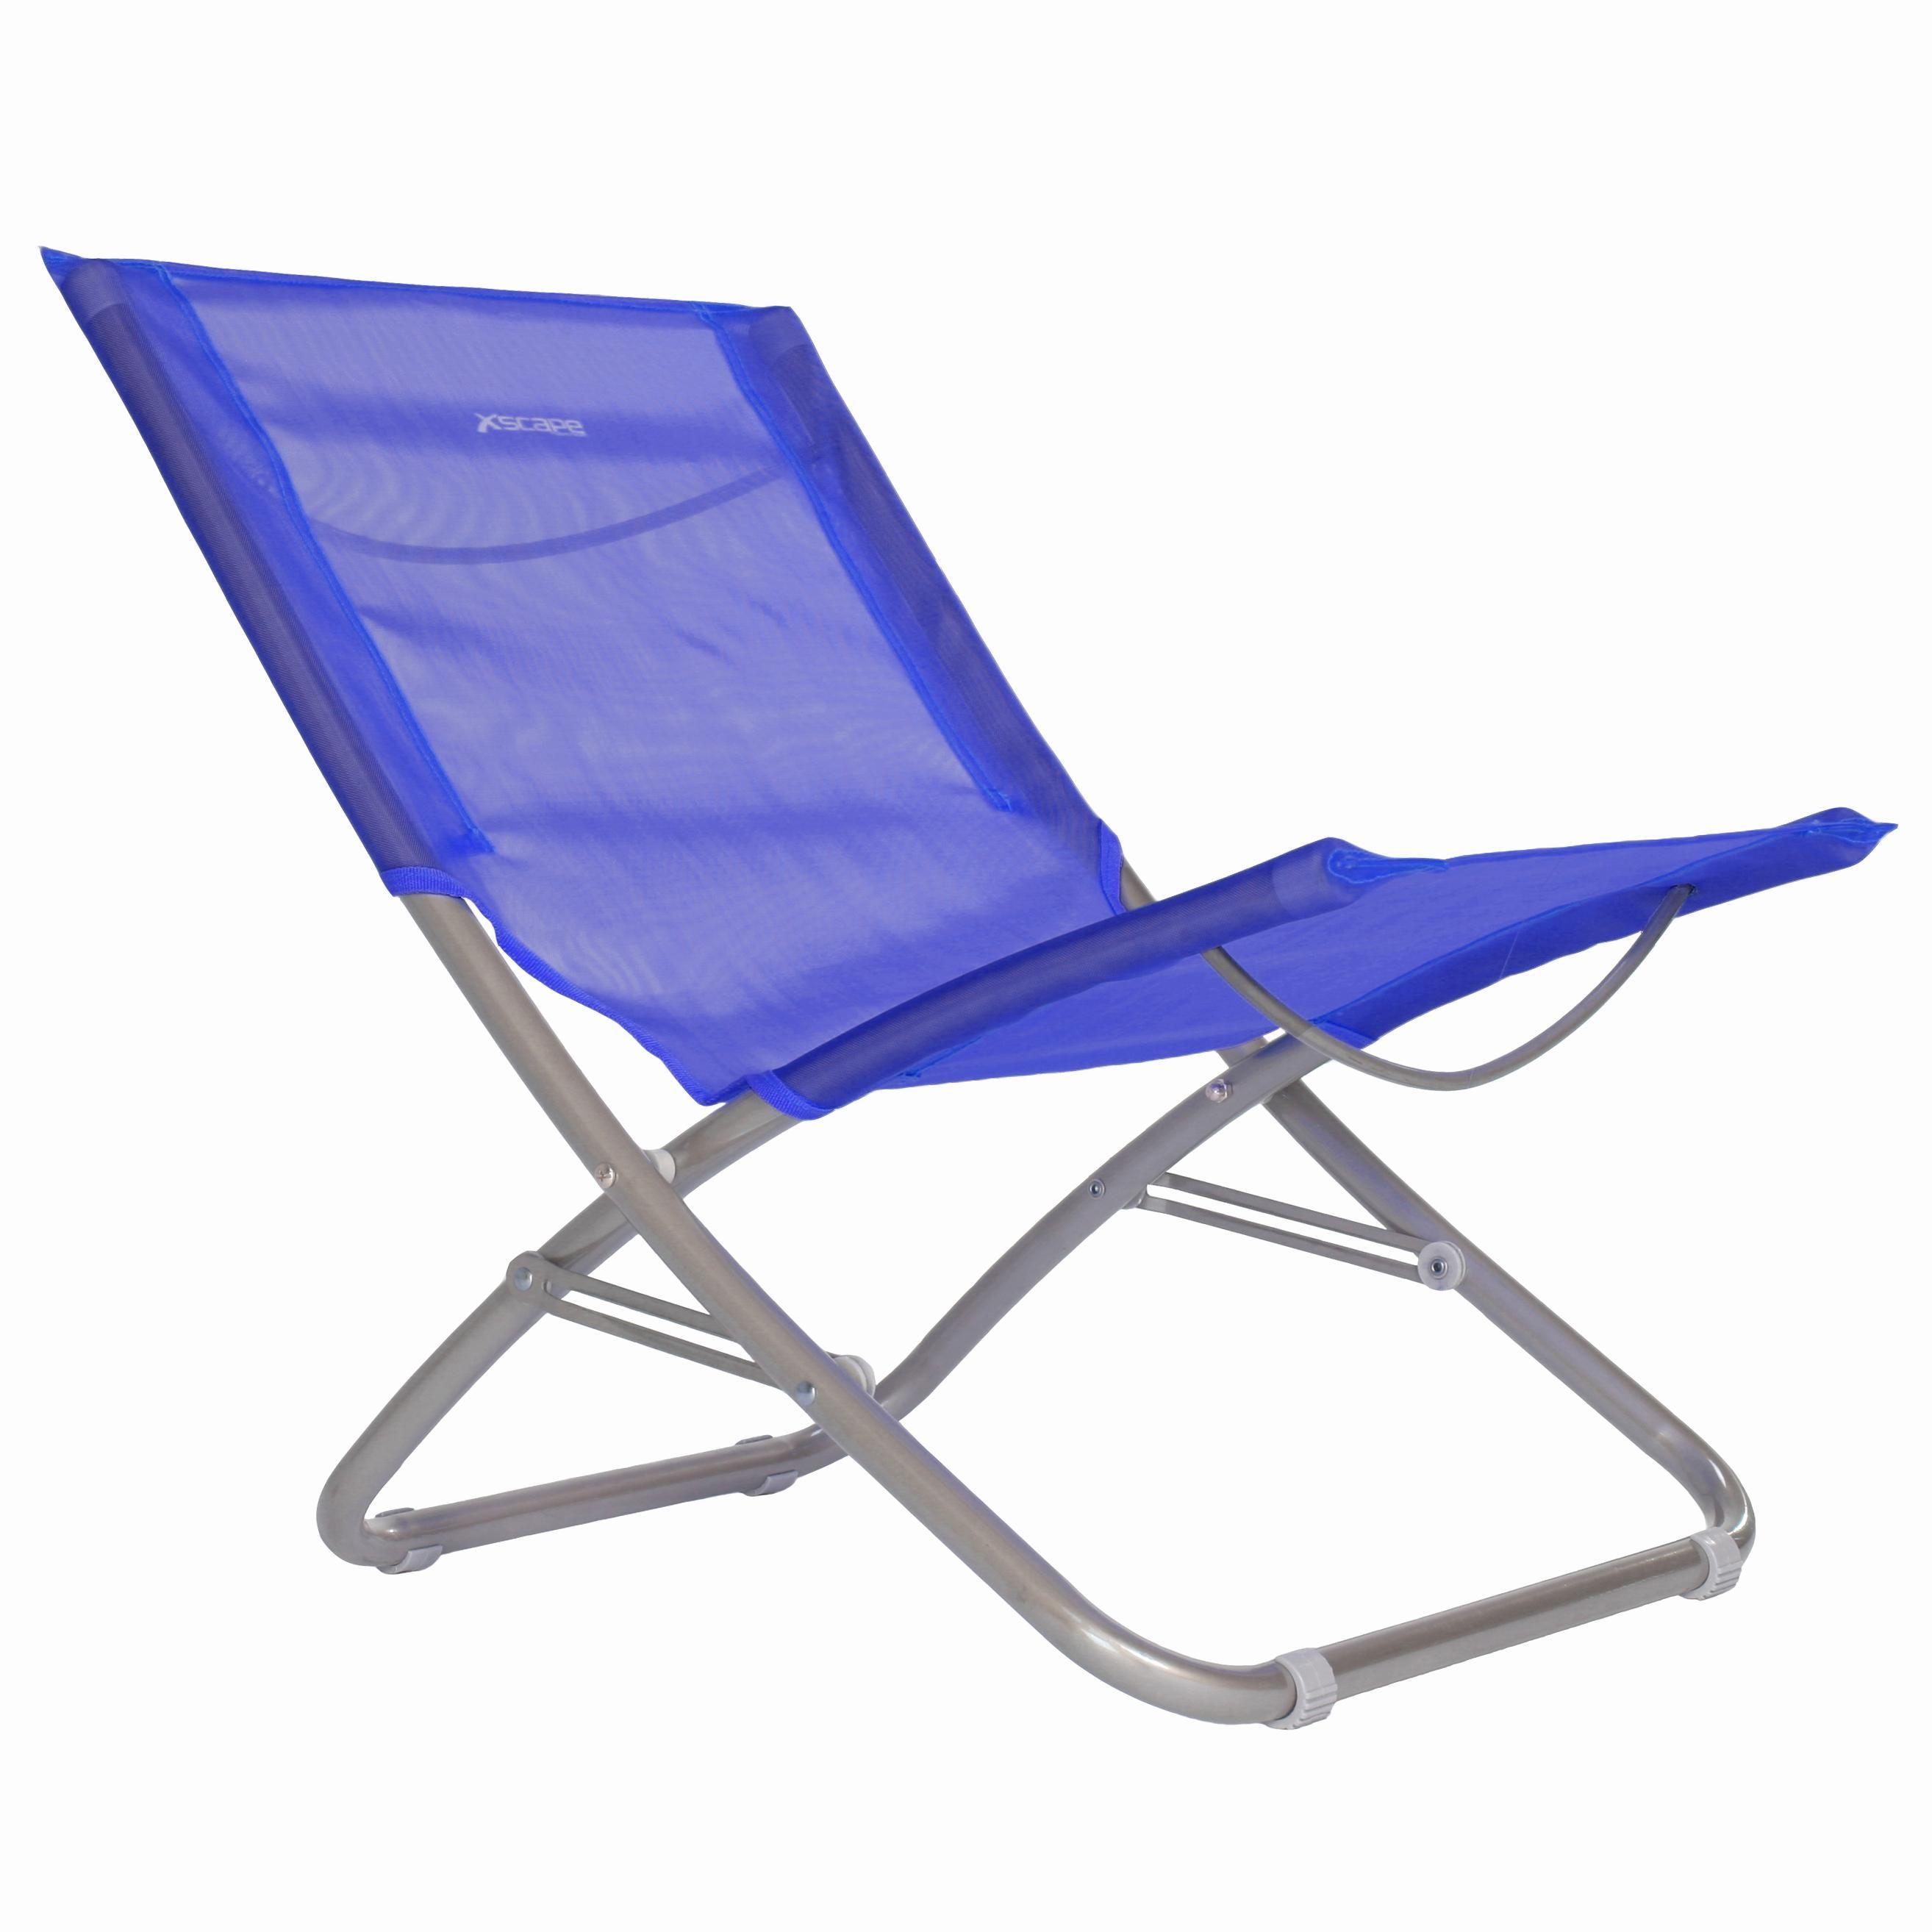 Holz Klapp Stuhle Ikea Klappstuhl Teile Kunststoff Klappstuhle